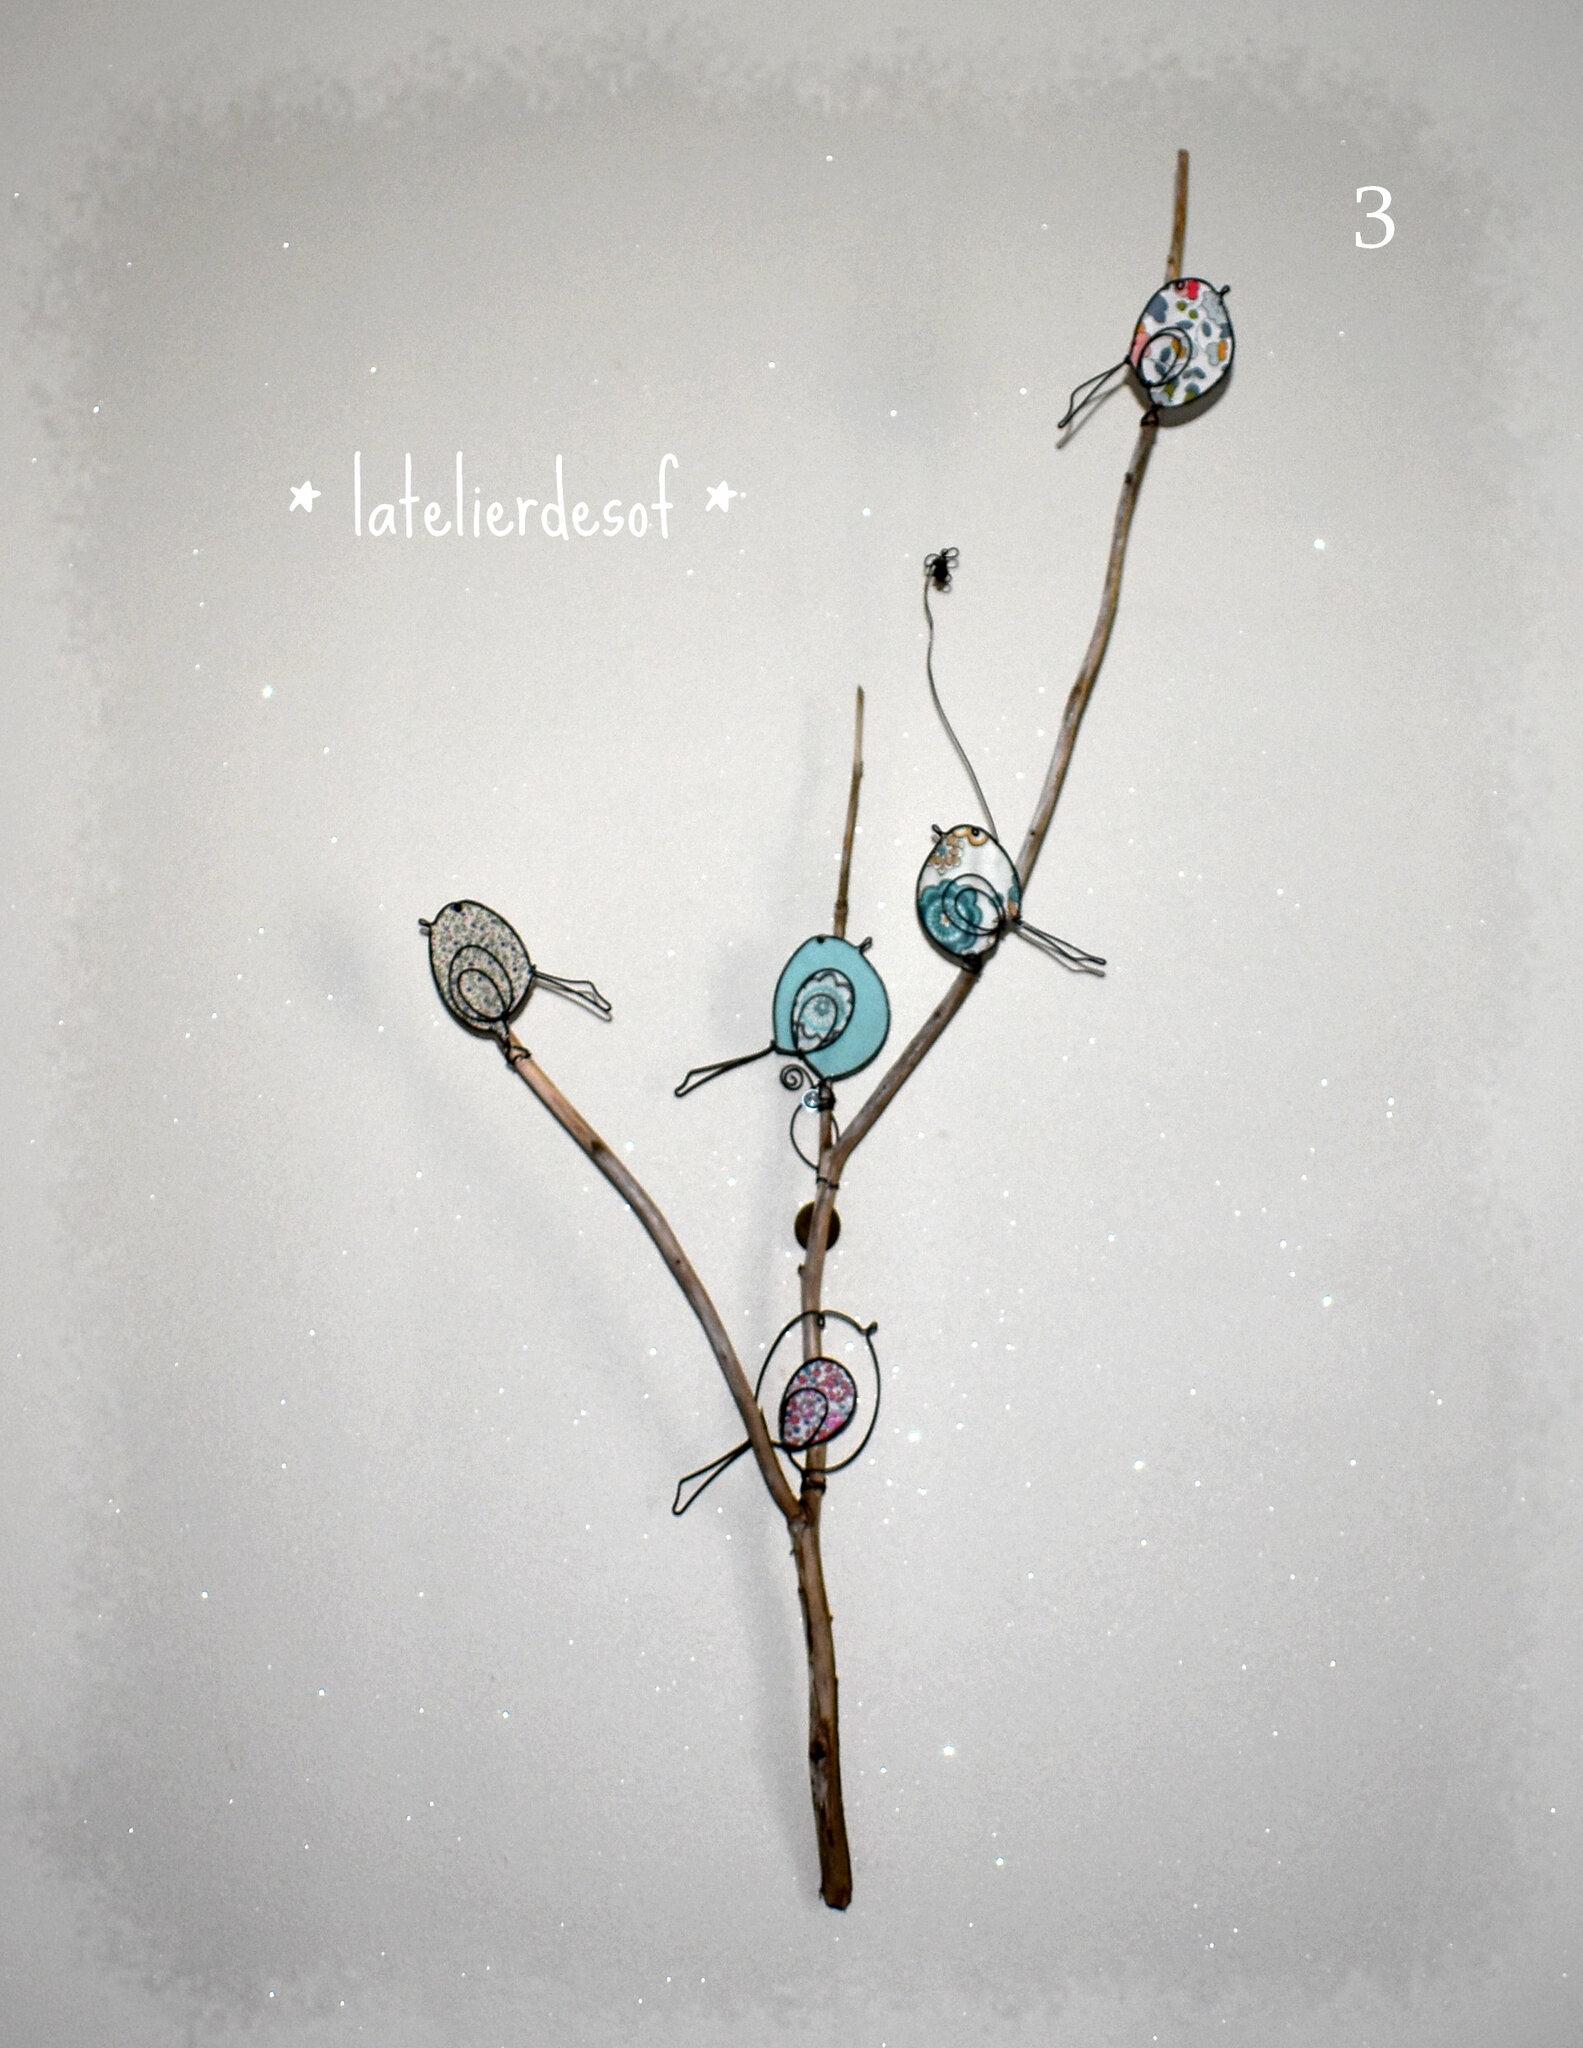 oiseaux sur une branche bois flotté fil de fer